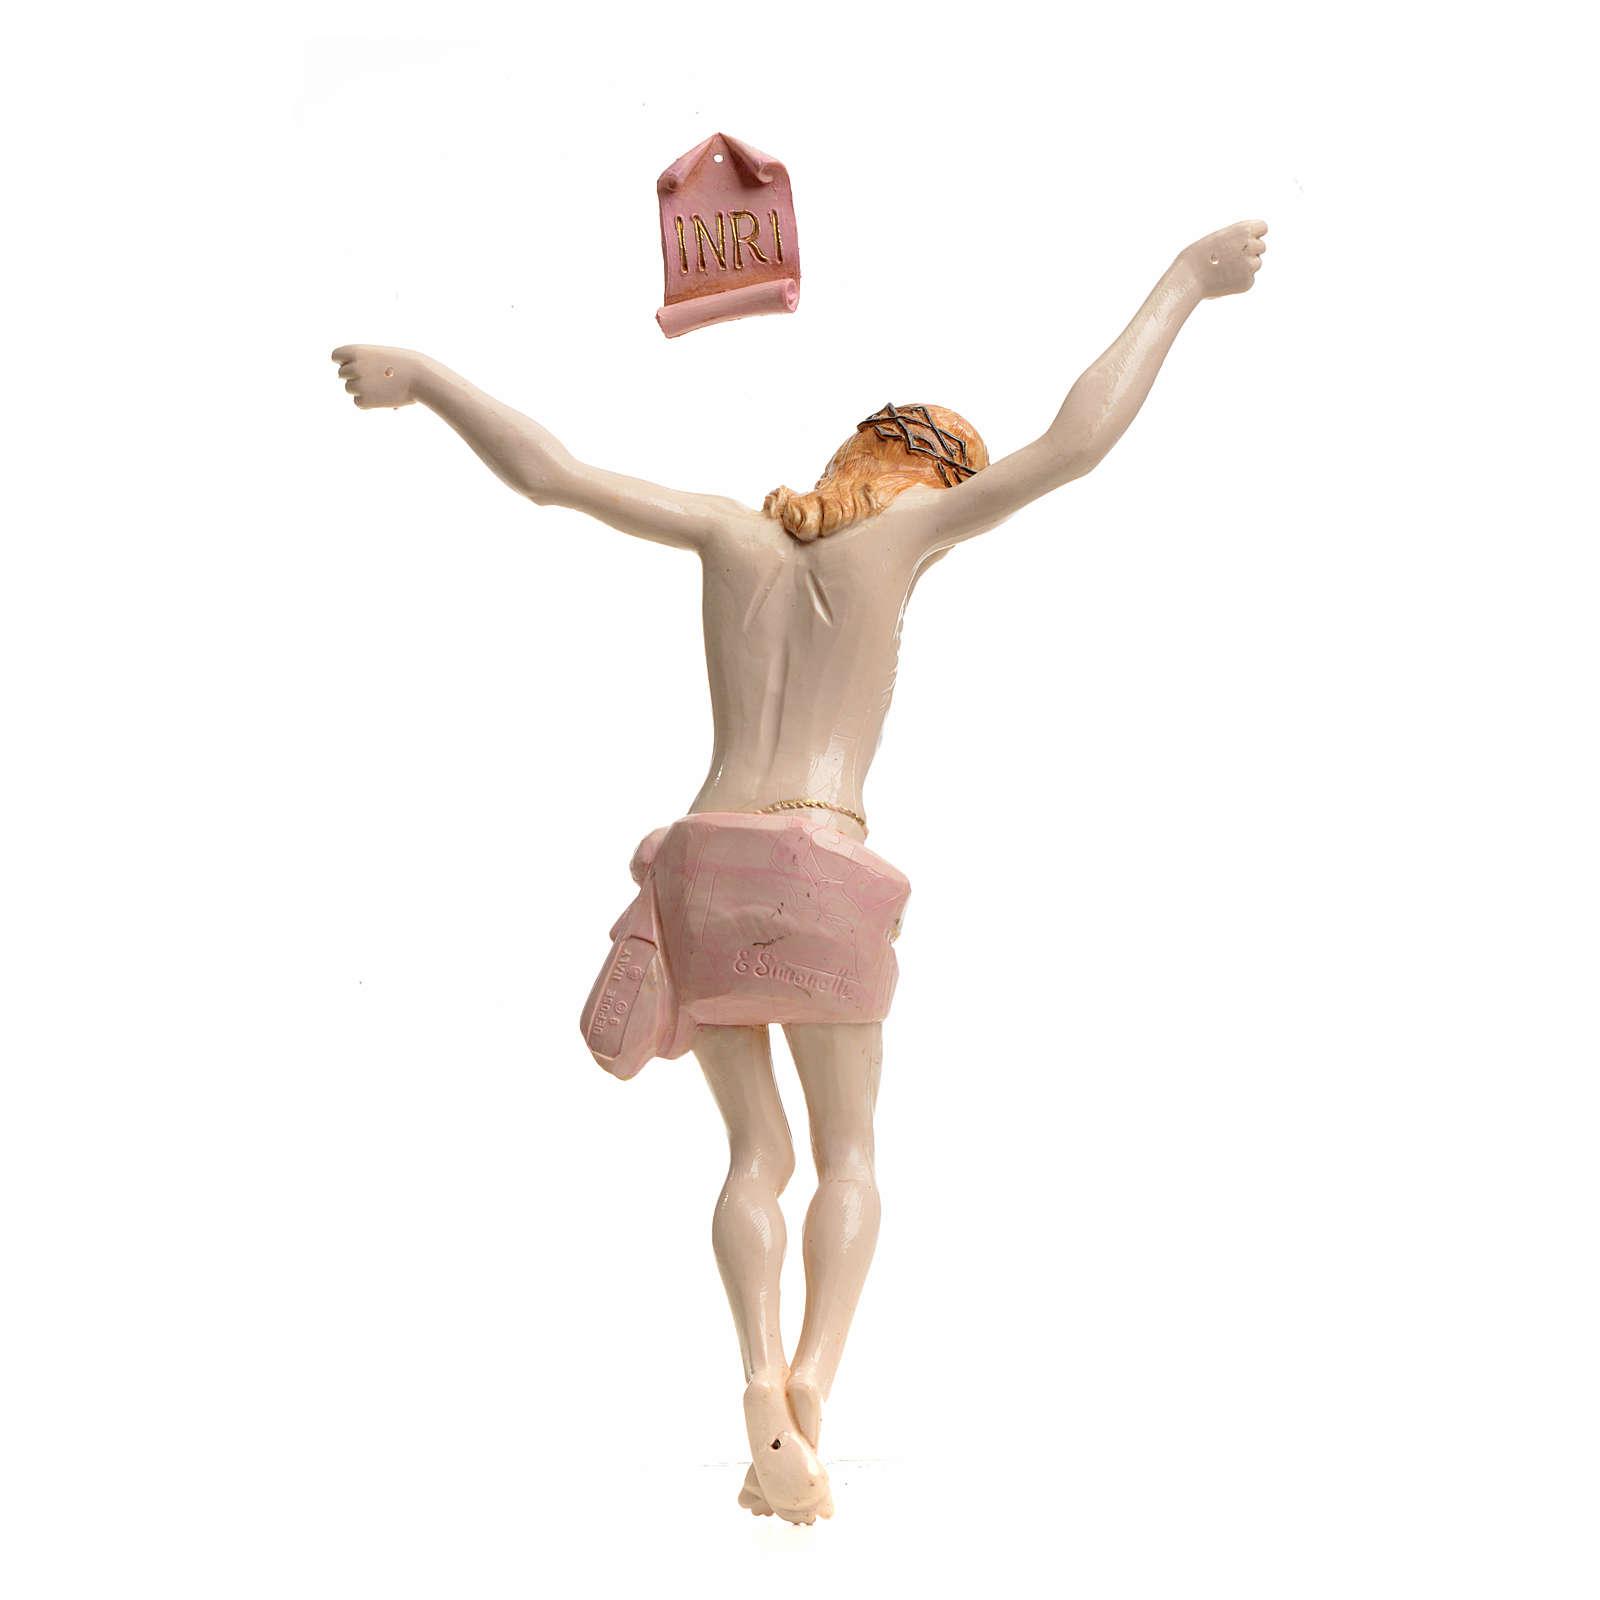 Corps du Christ pvc 26 cm Fontanini type porcelaine 4